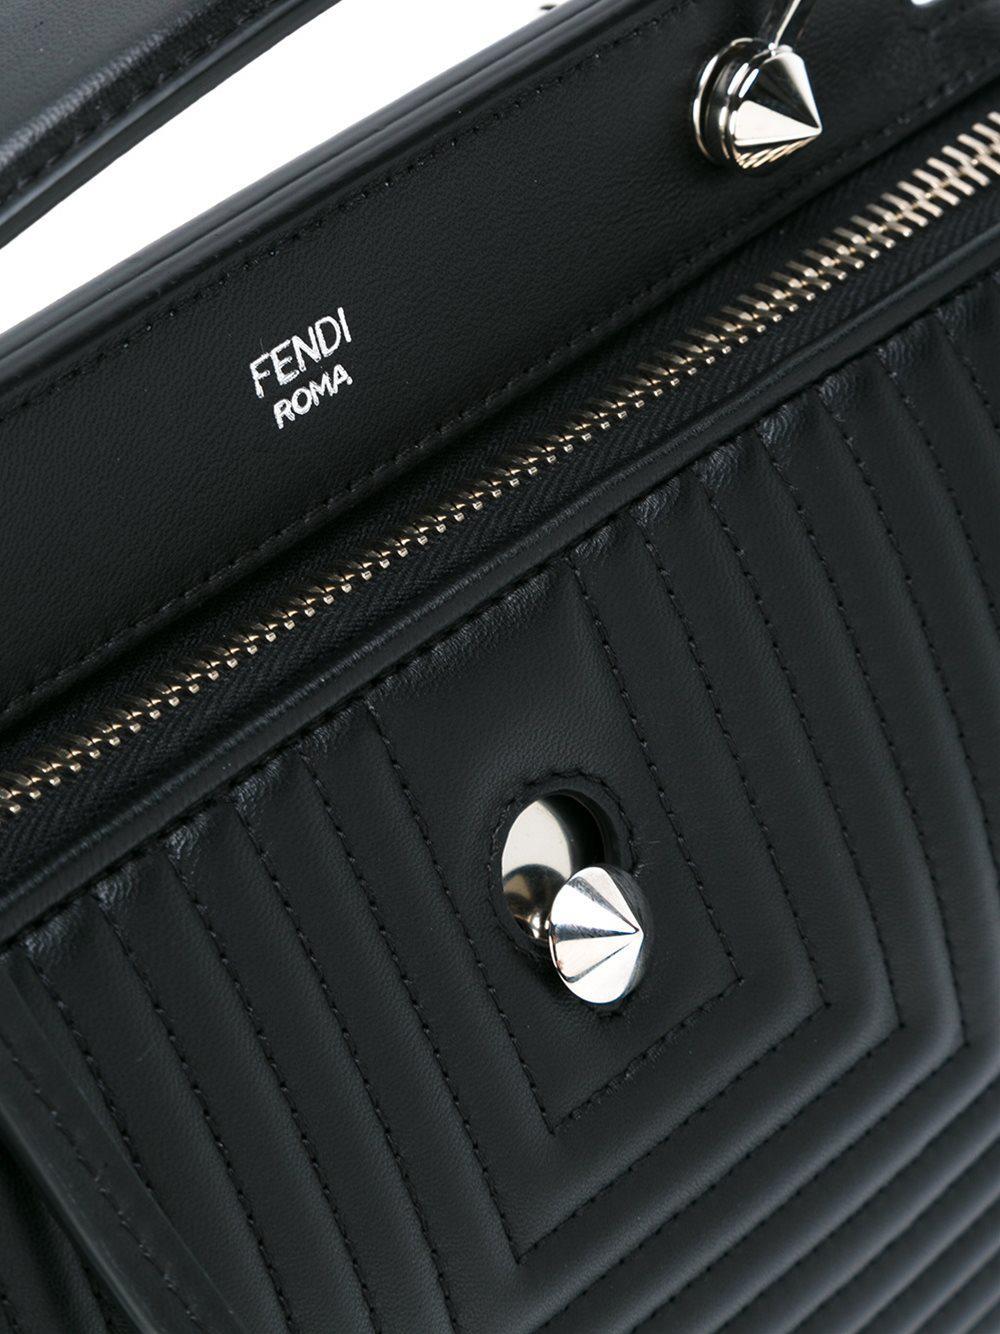 Fendi Leather Small 'dotcom Click' Tote in Black